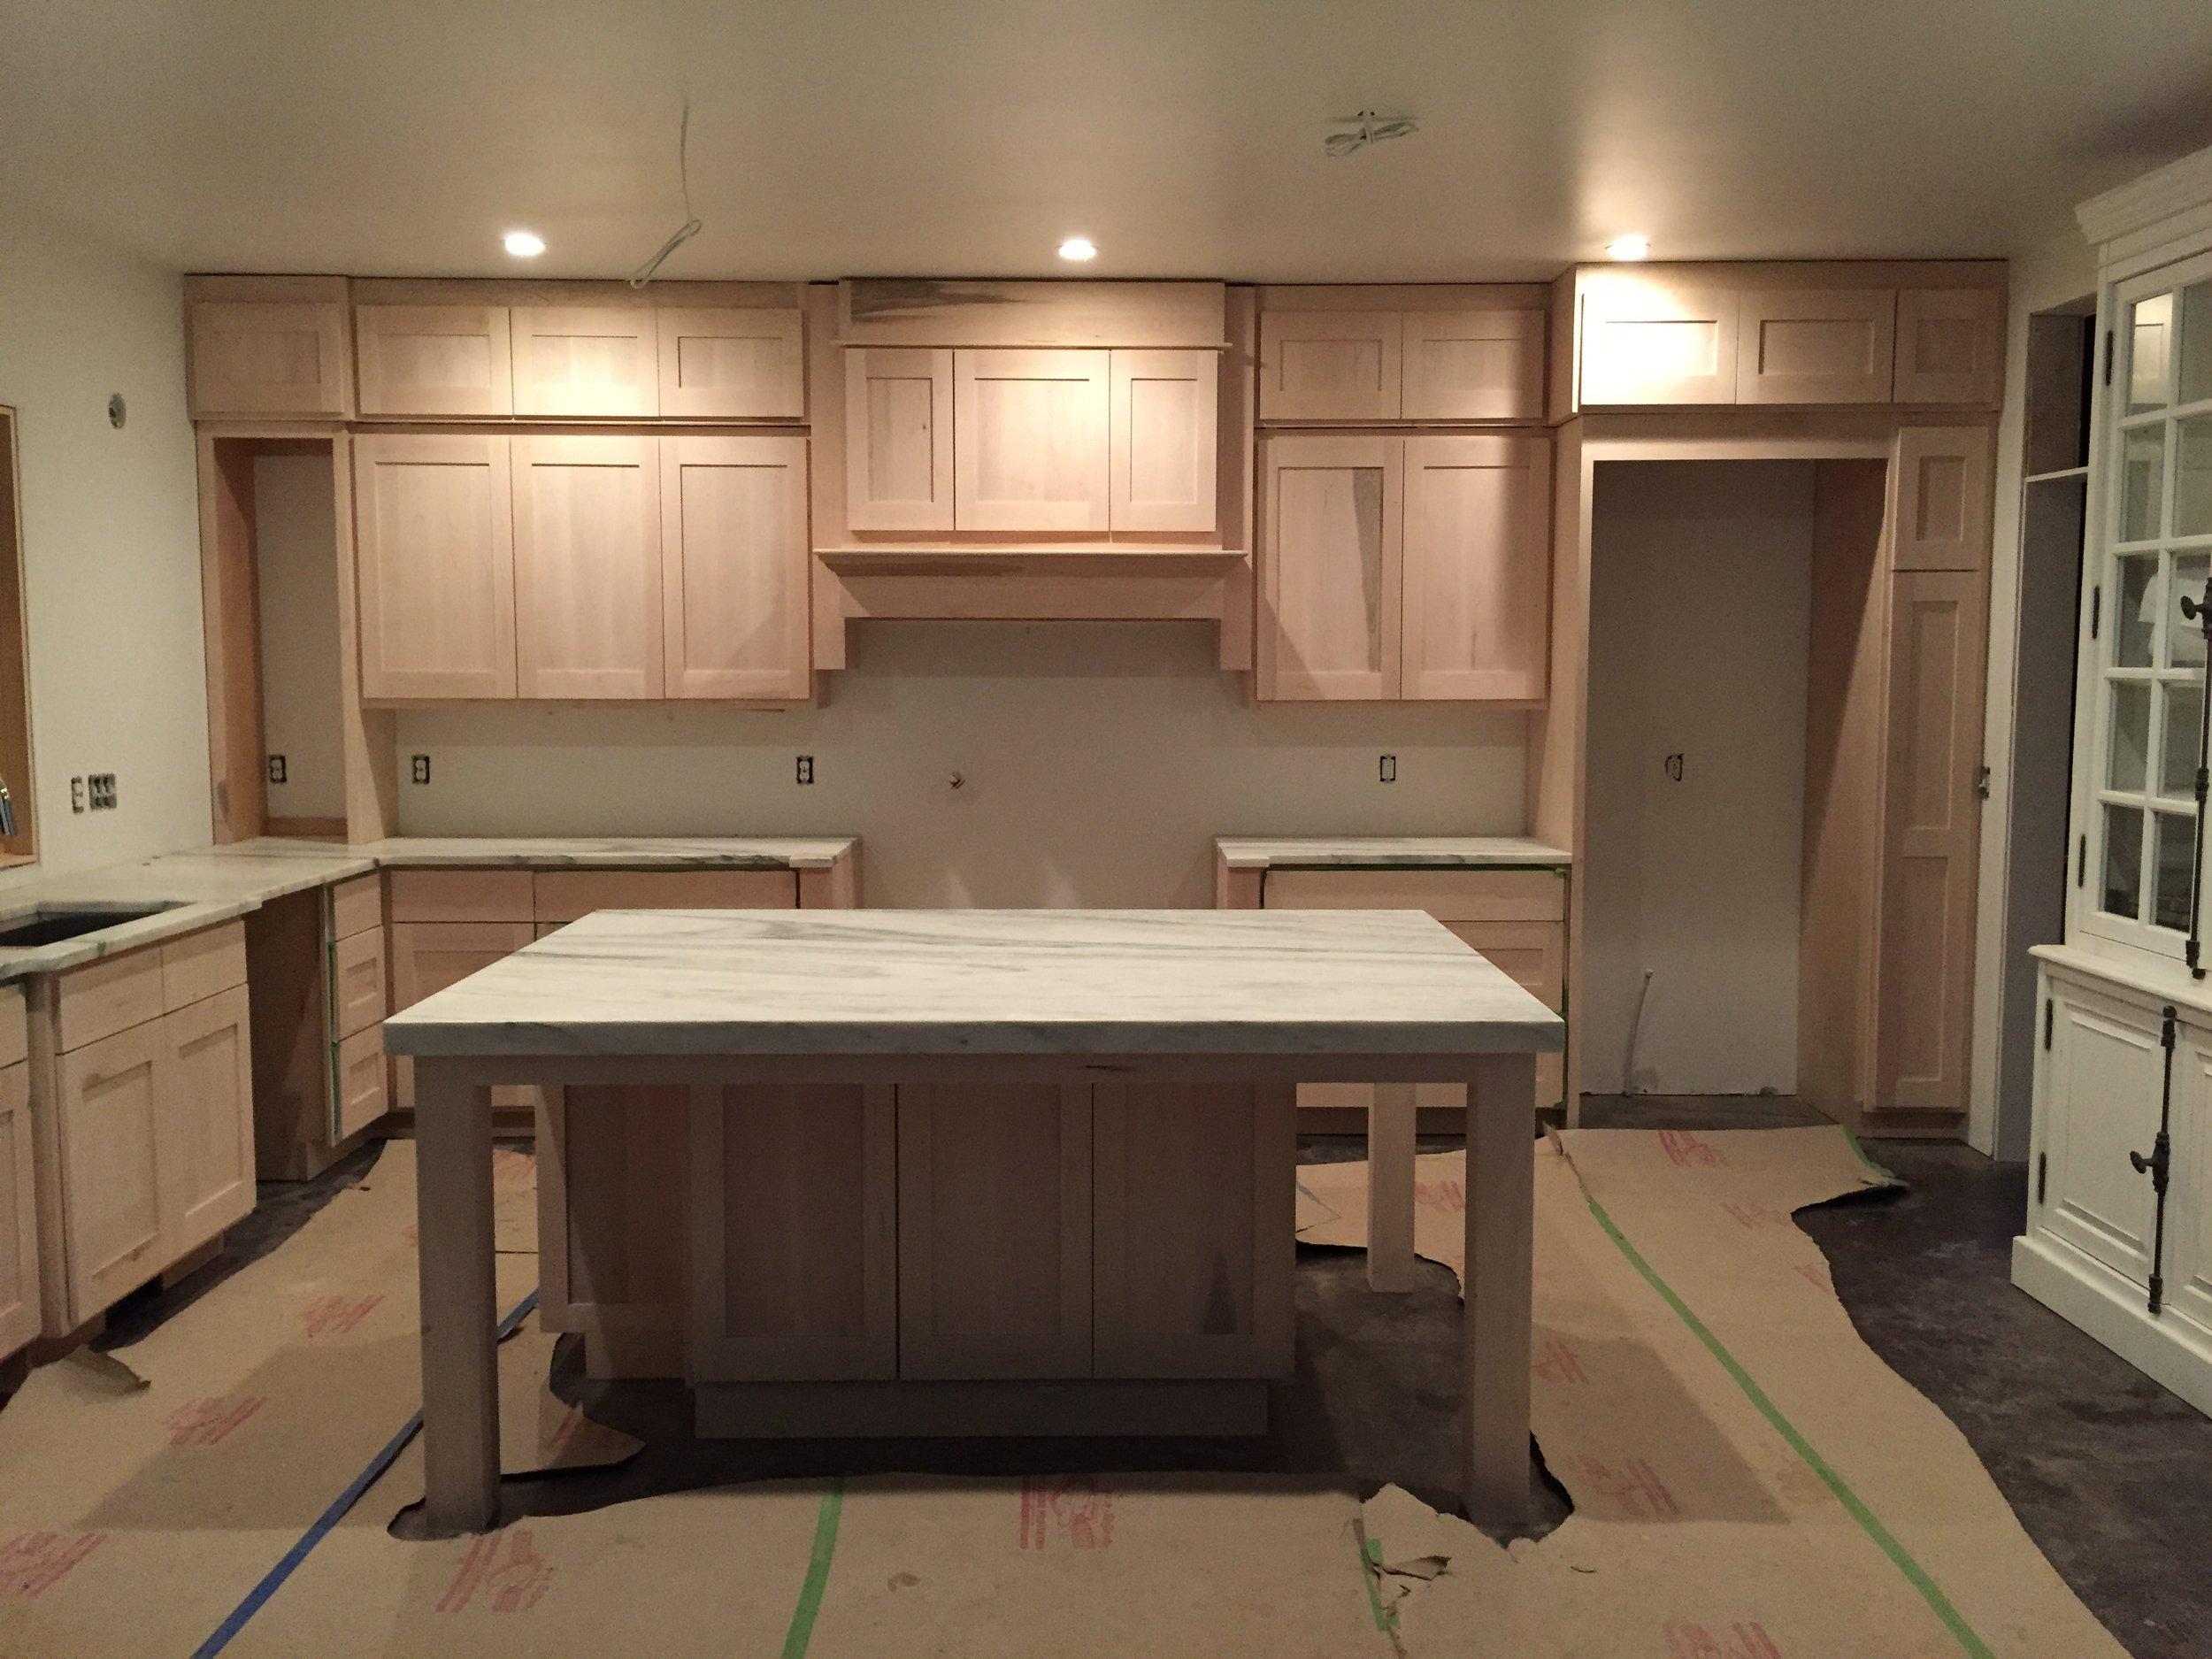 Raw Kitchen cabinets 2.JPG